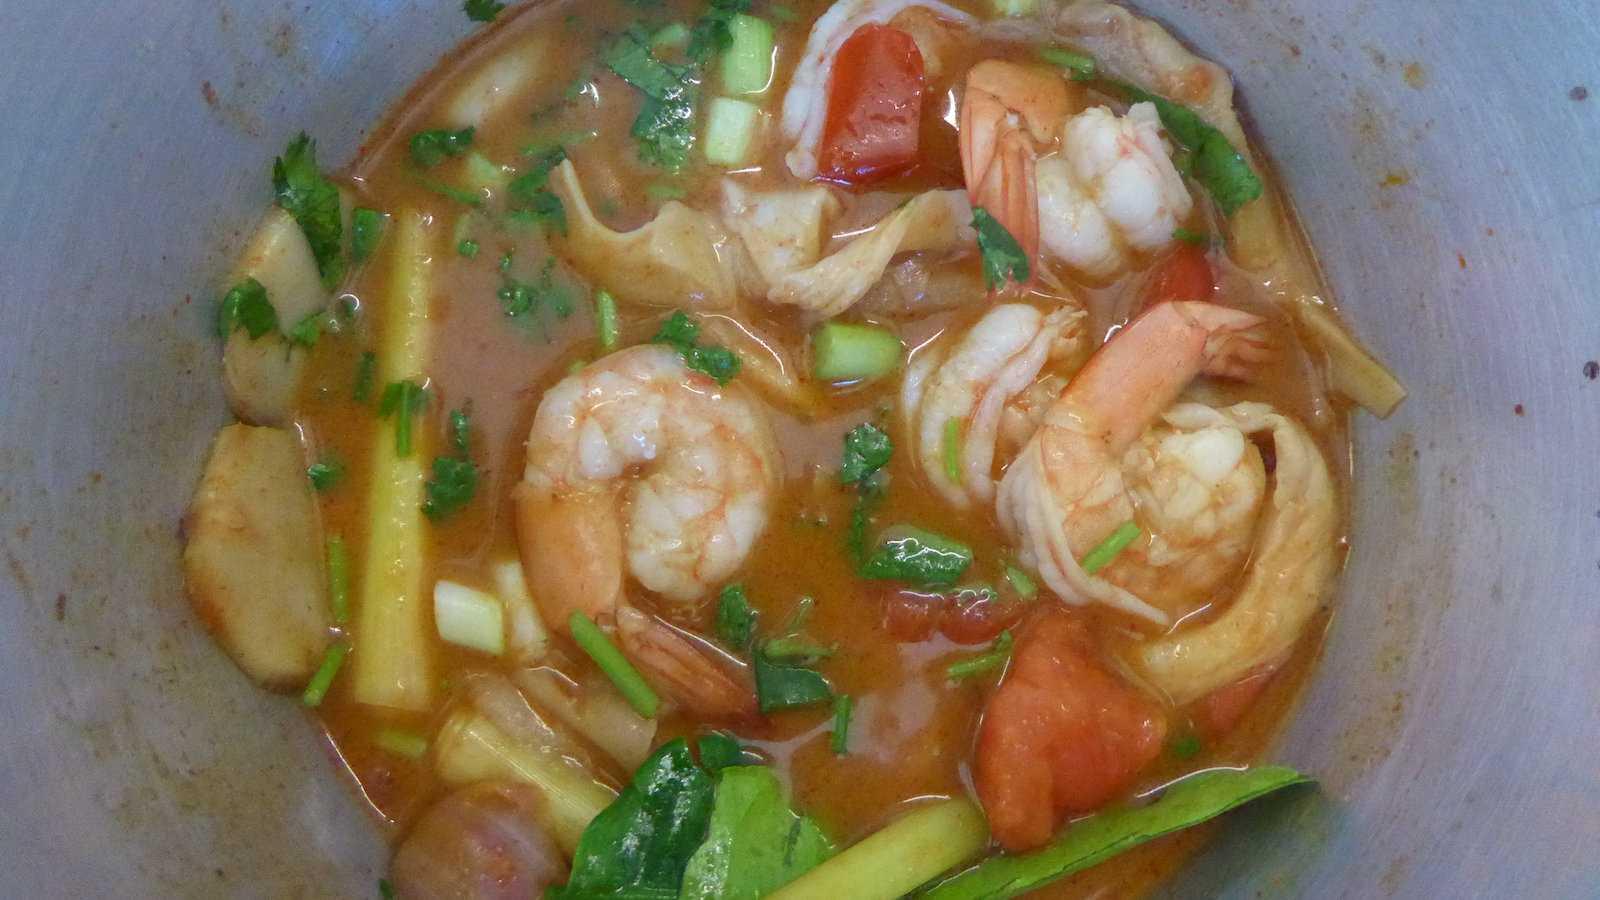 Tom yum goong é uma popular sopa tailandesa quente e azeda com camarão